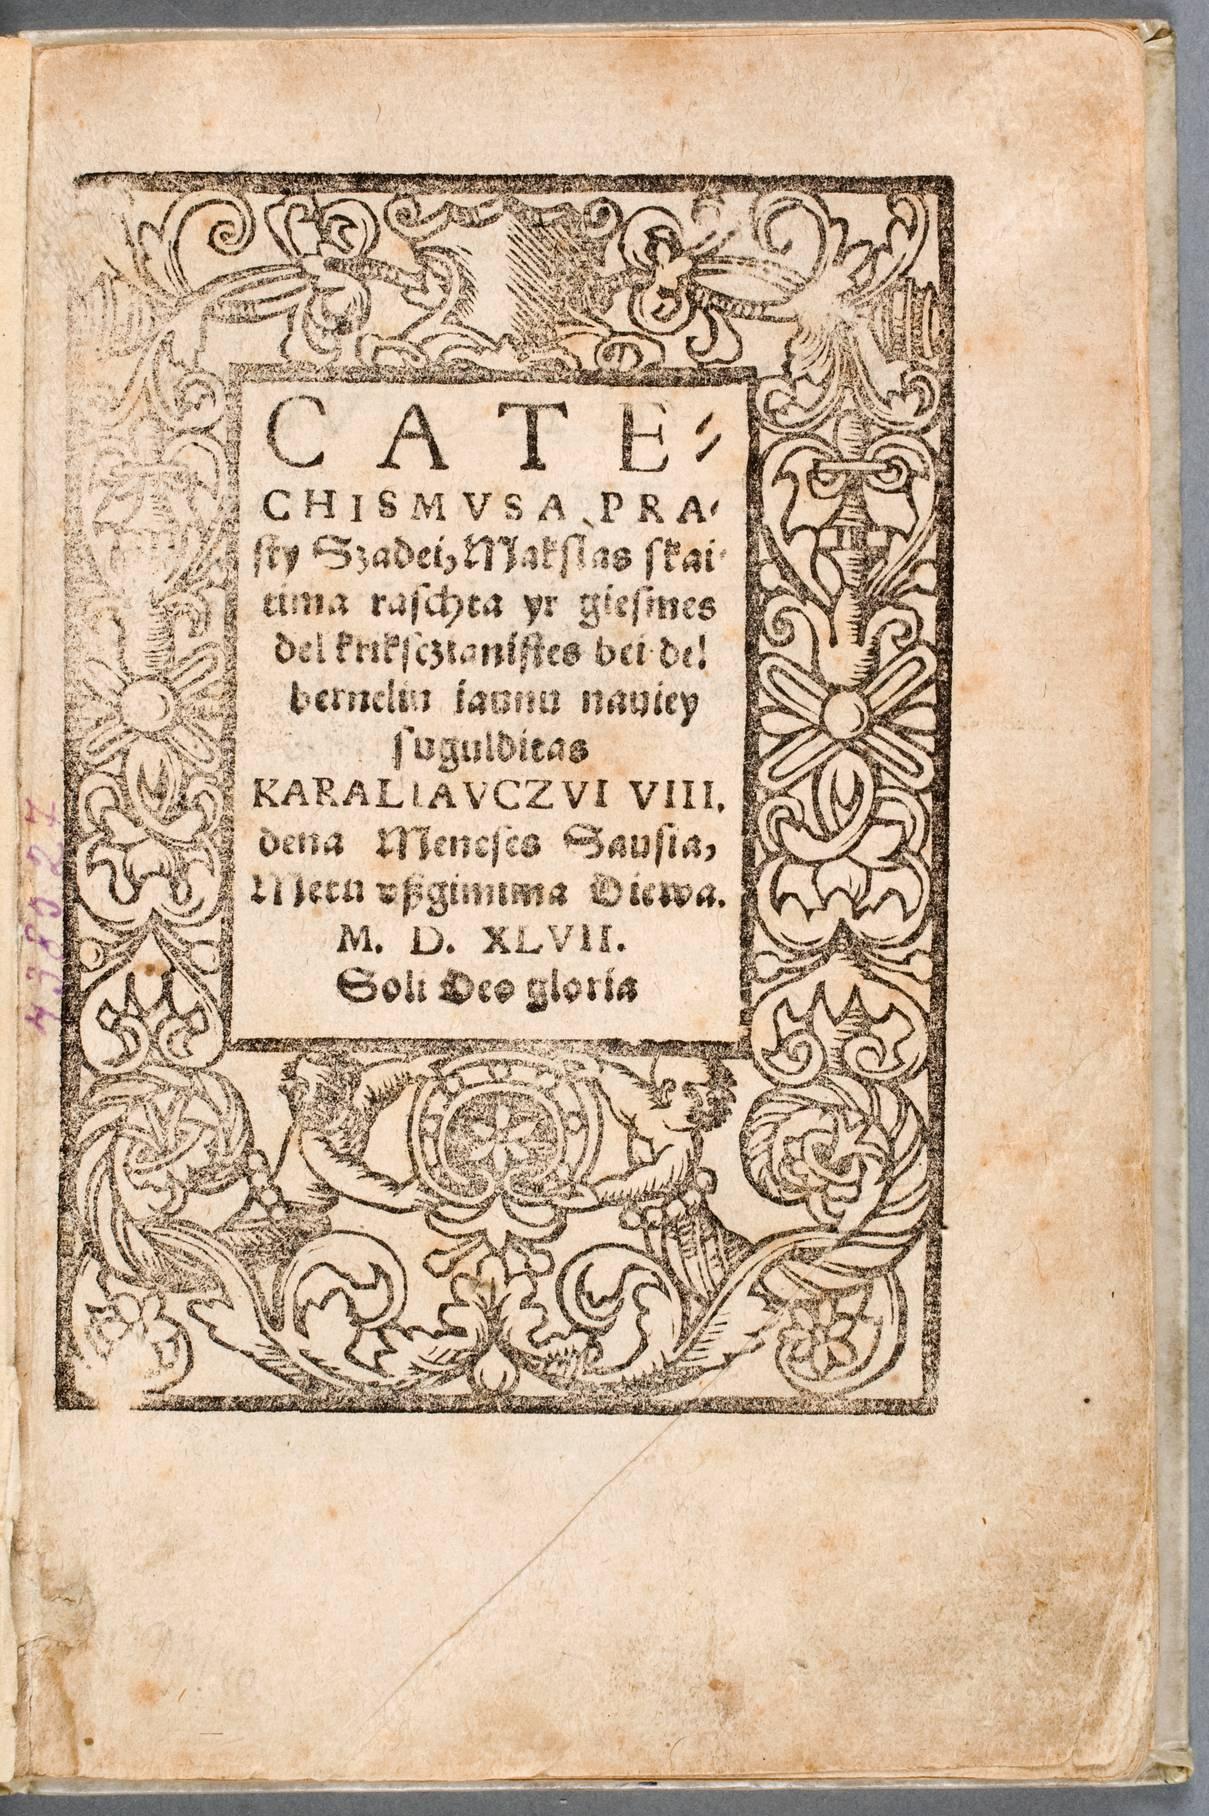 """1547 metais Martyno Mažvydo parašyta pirmoji lietuviška knyga """"Katekizmas"""" (Katechismusa prasti žadei, makslas skaityma rašta ir giesmes krikščionystės bei dėl bernelių jaunų naujai suguldytas)   Vikipedija.org nuotr."""